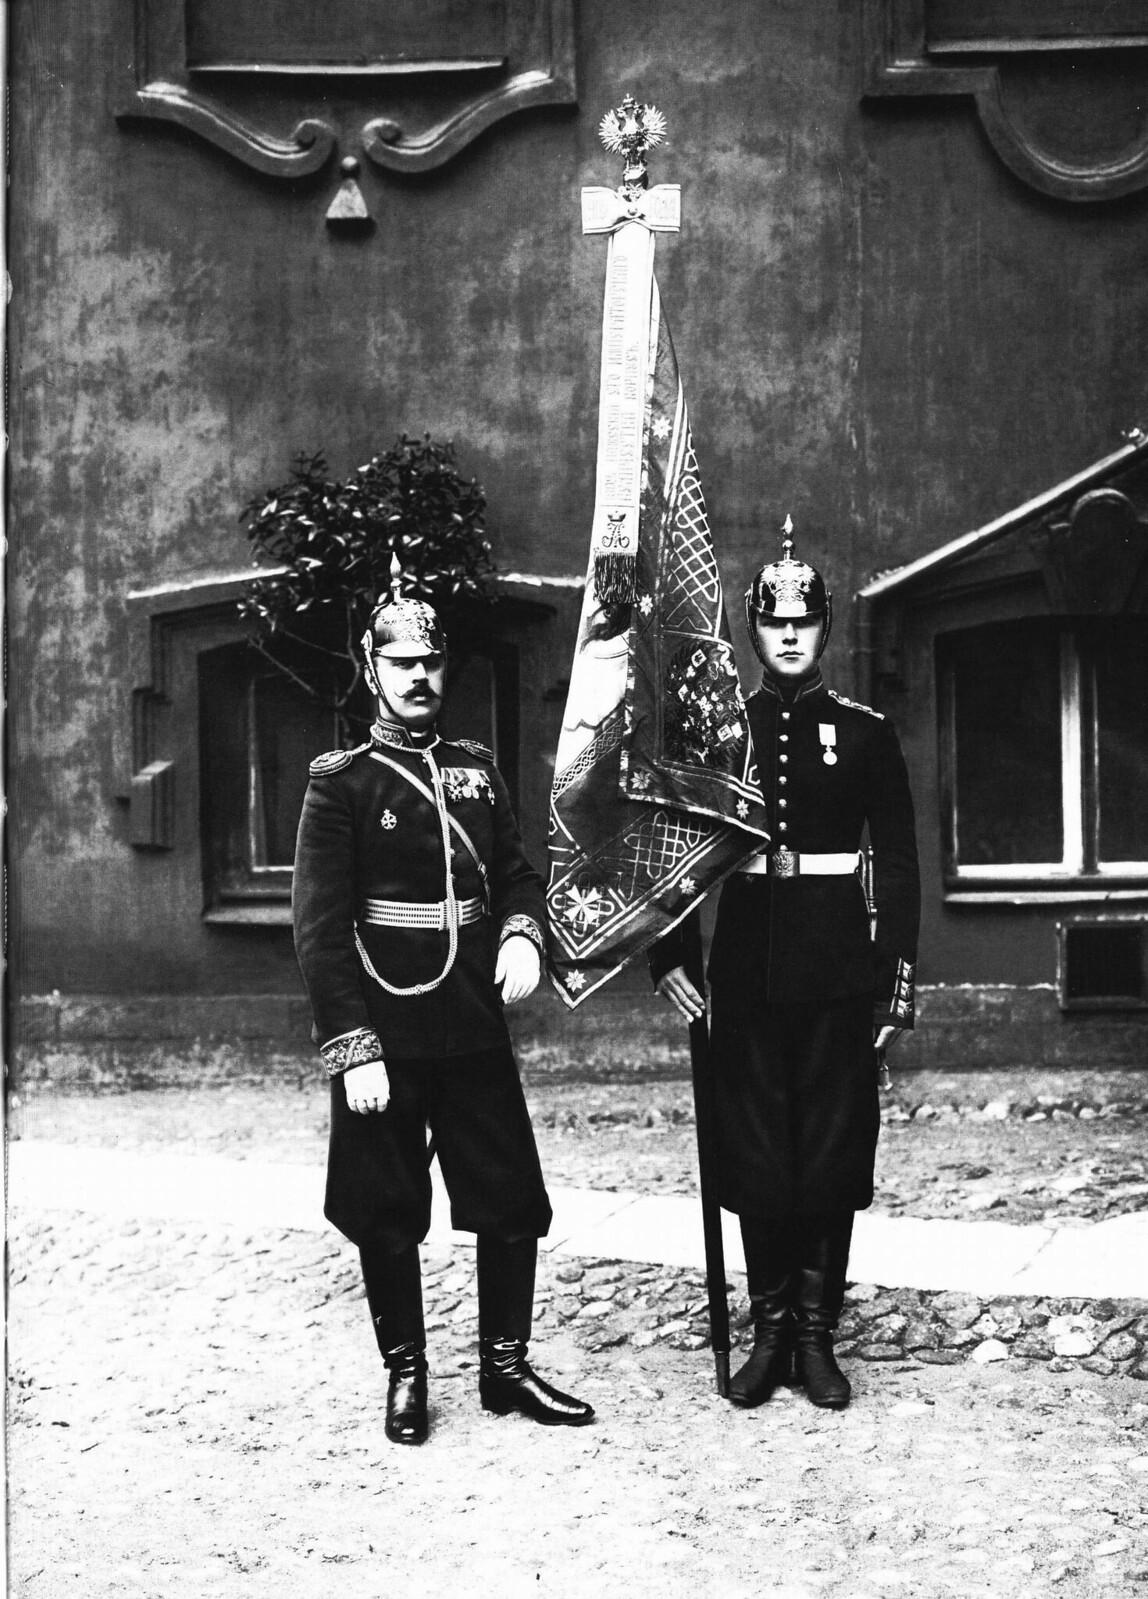 1902. Офицер и паж со знаменем Пажеского корпуса.